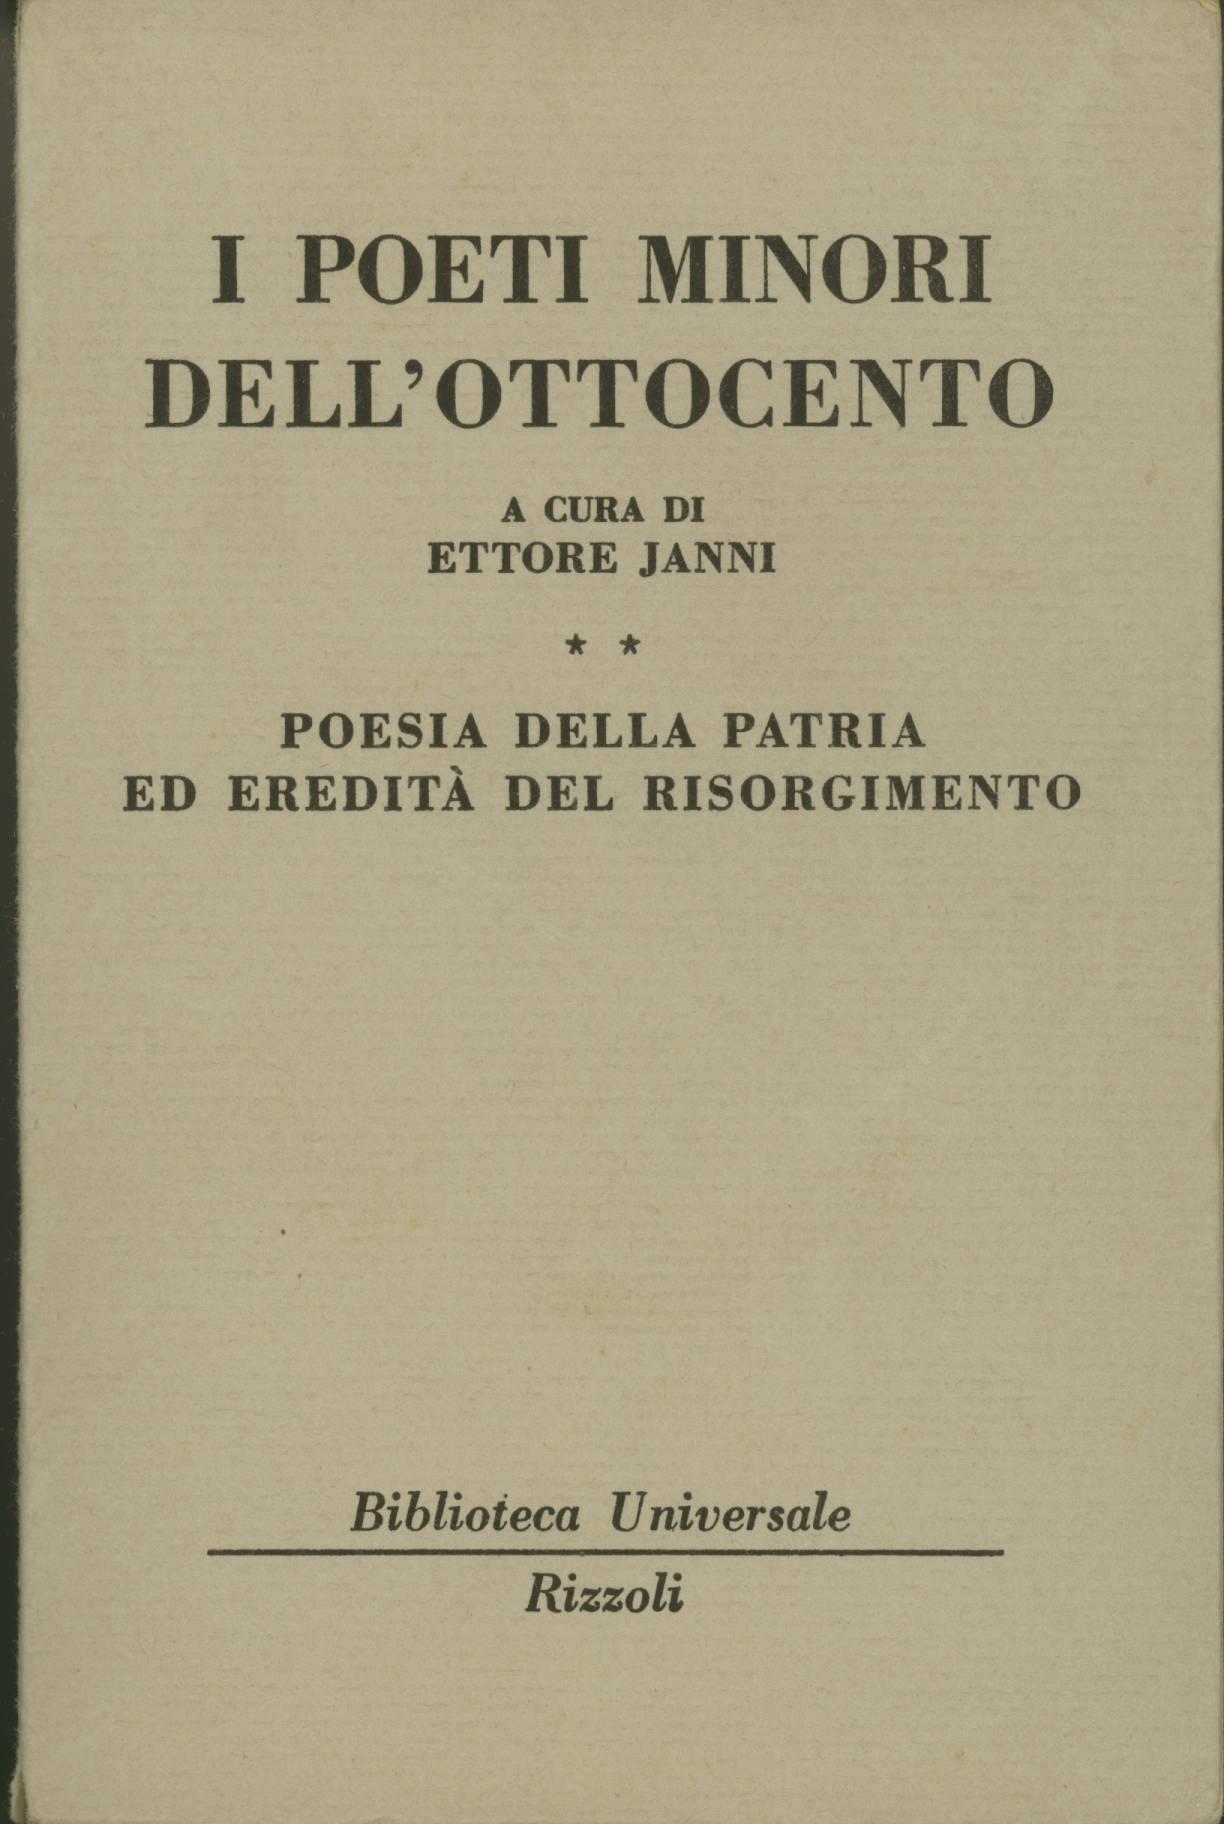 I poeti minori dell'Ottocento - vol. II